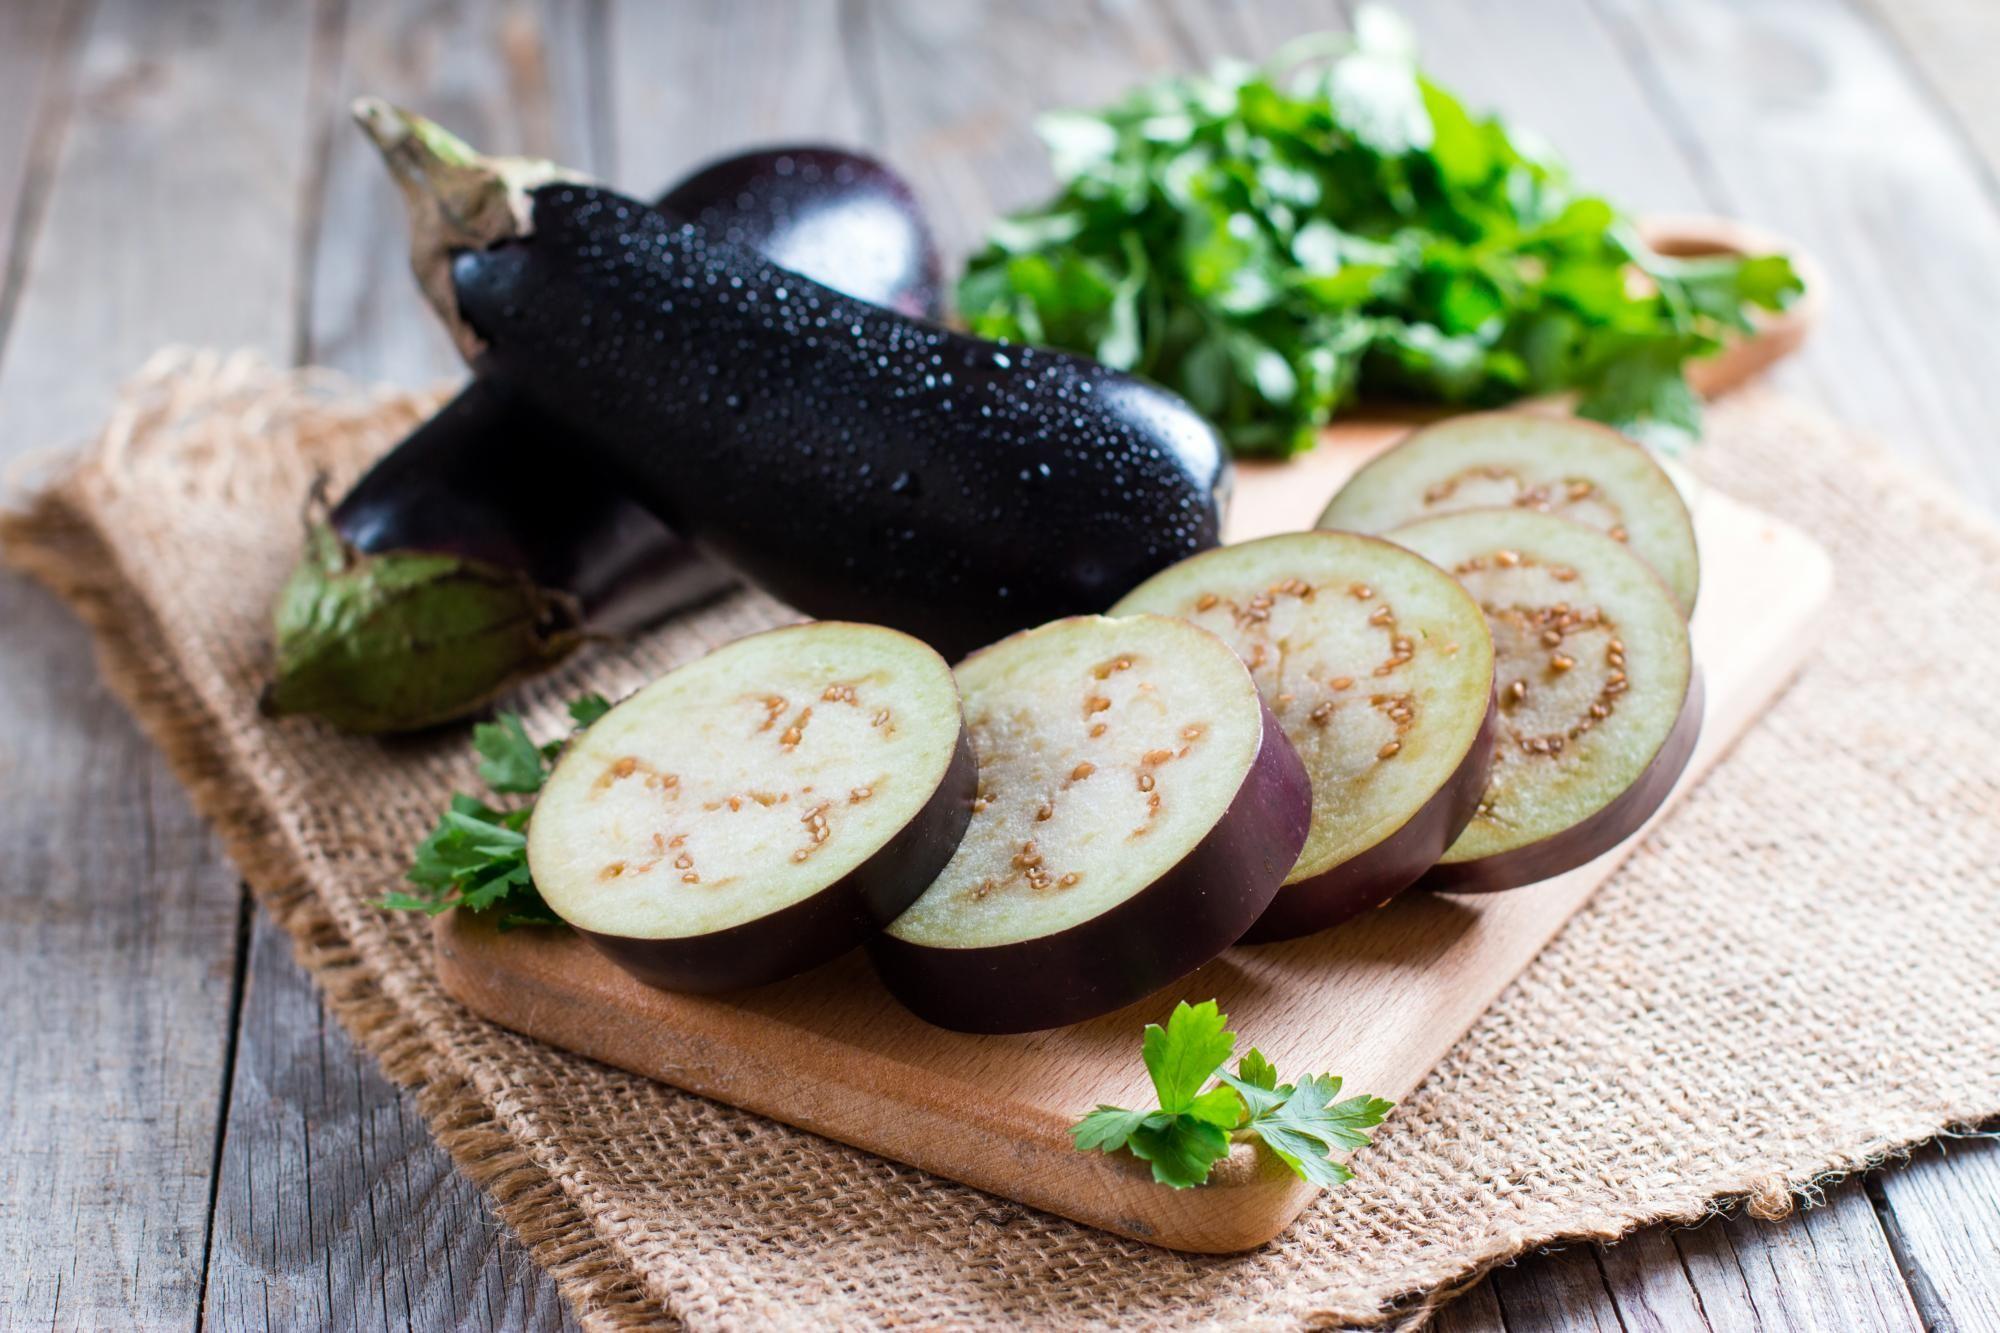 Quels sont les bienfaits de l'aubergine ?